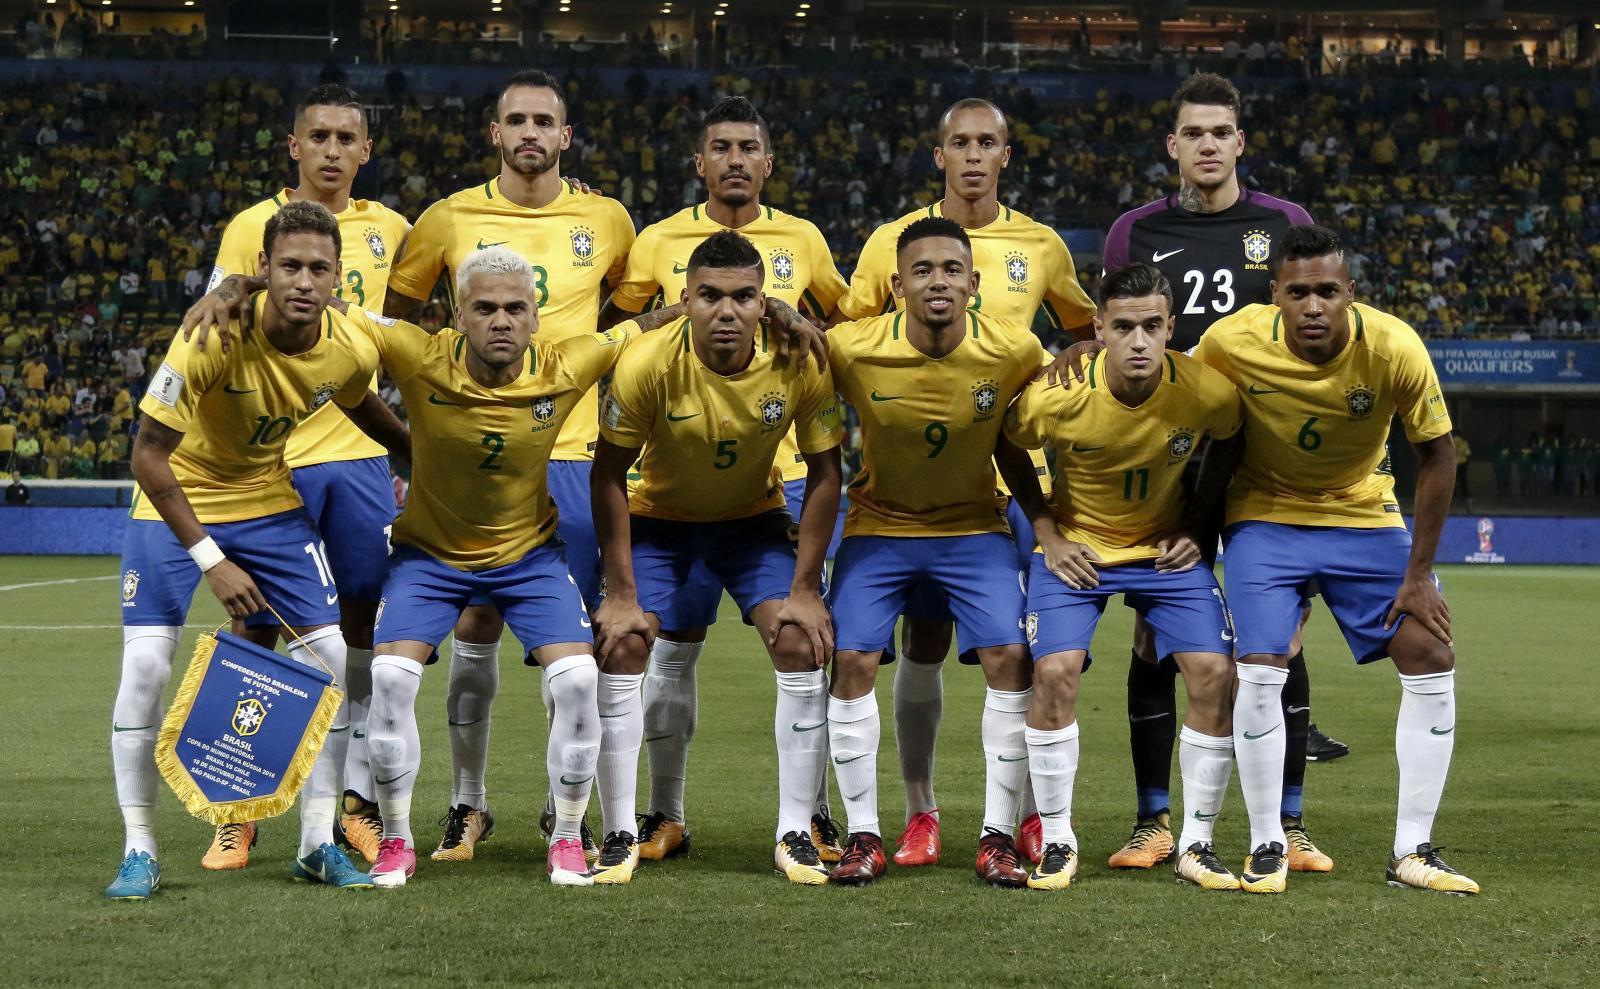 แบโผ 23 ชาติคว้าตั๋วลุยบอลโลก 2018 และอีก 15 ทีมมีลุ้นร่วมโม่แข้ง